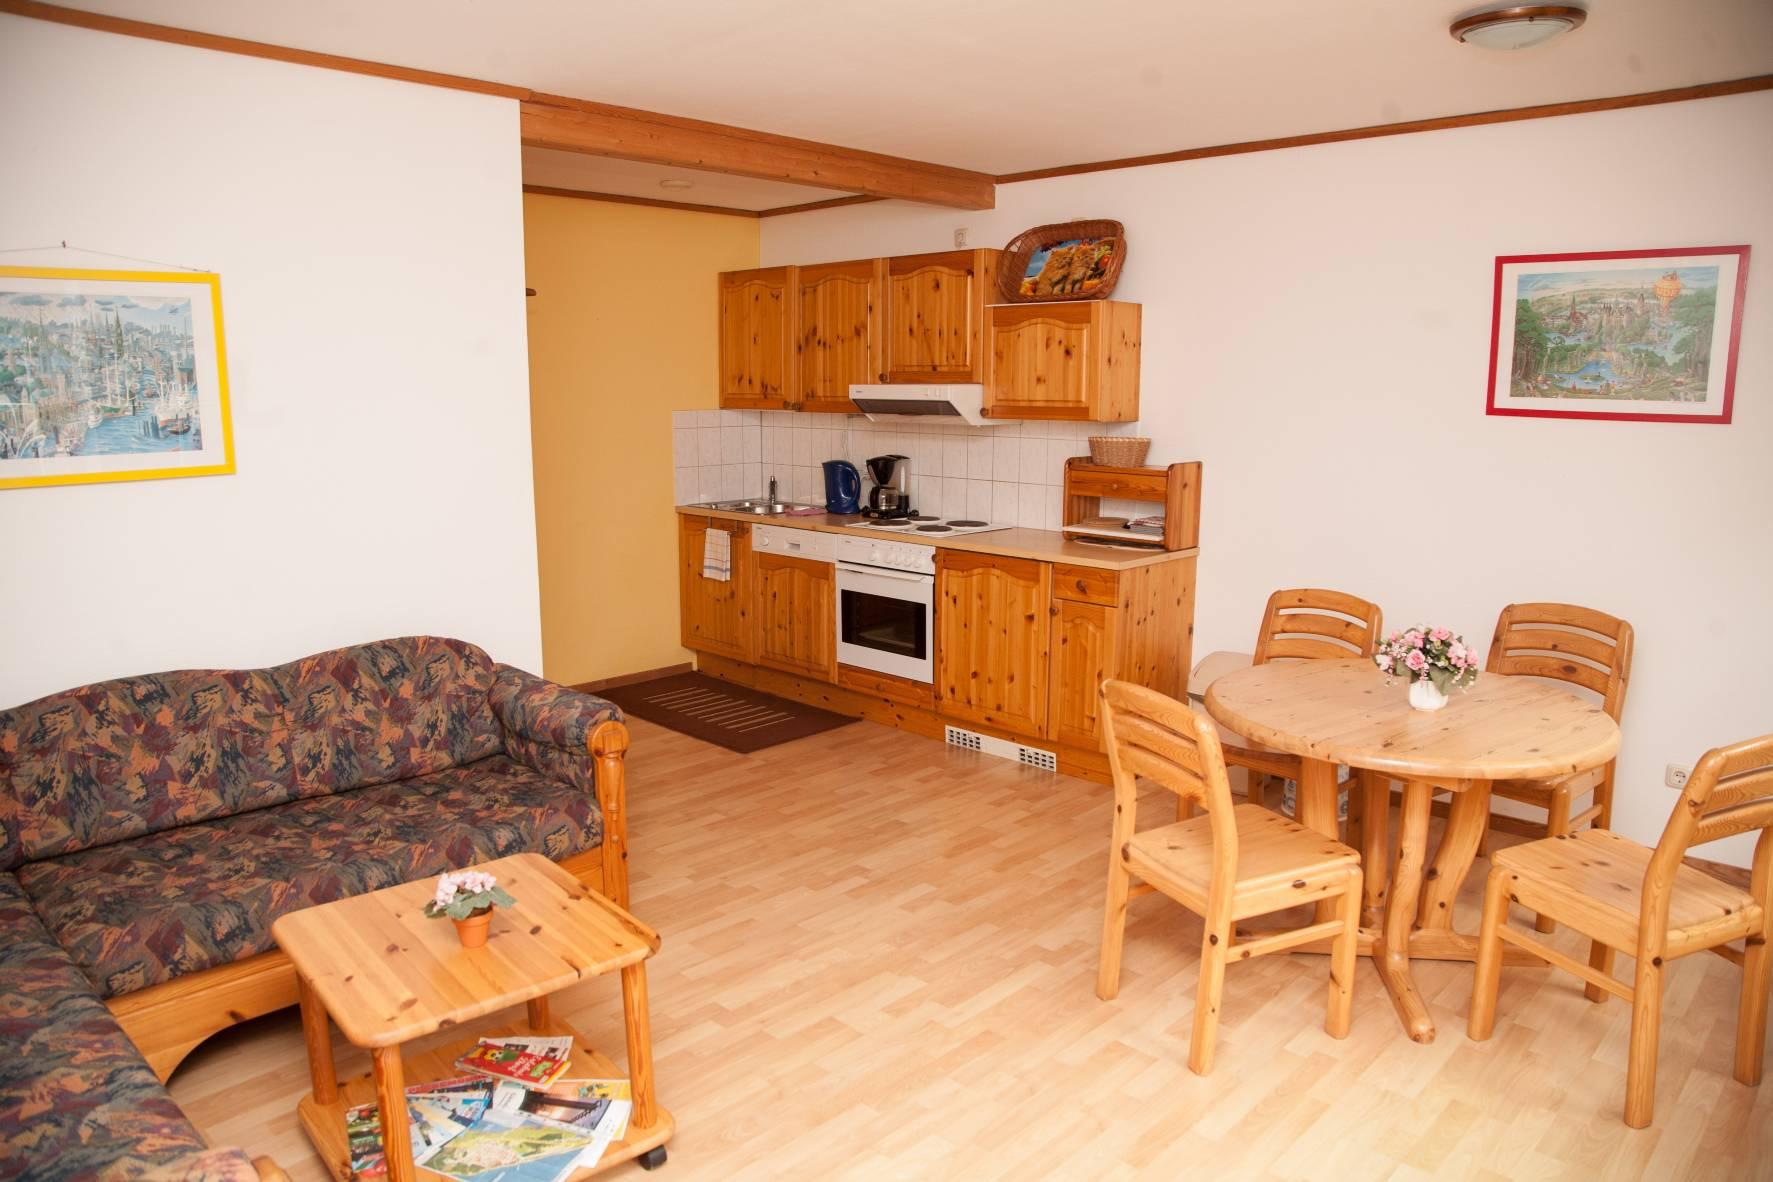 Fewo brieger lupp 2 raumwohnung for Wohnzimmer 45qm